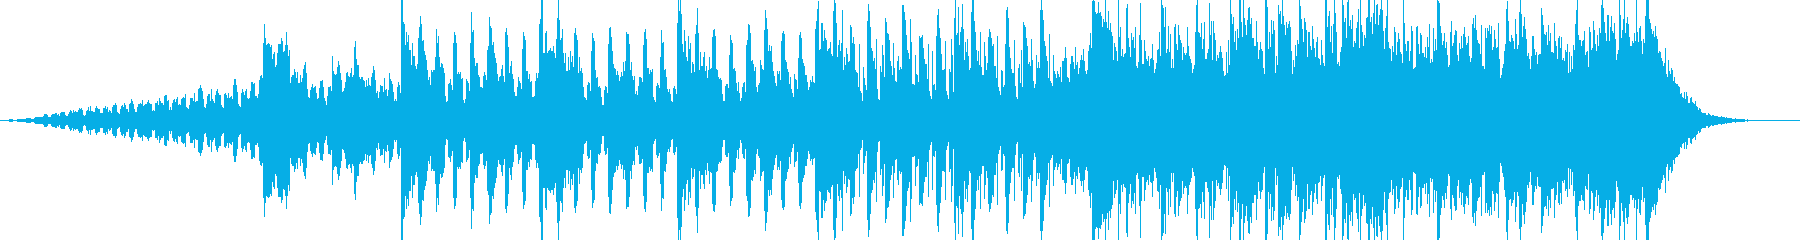 ブレイクビーツ アンビエント 実験...の再生済みの波形